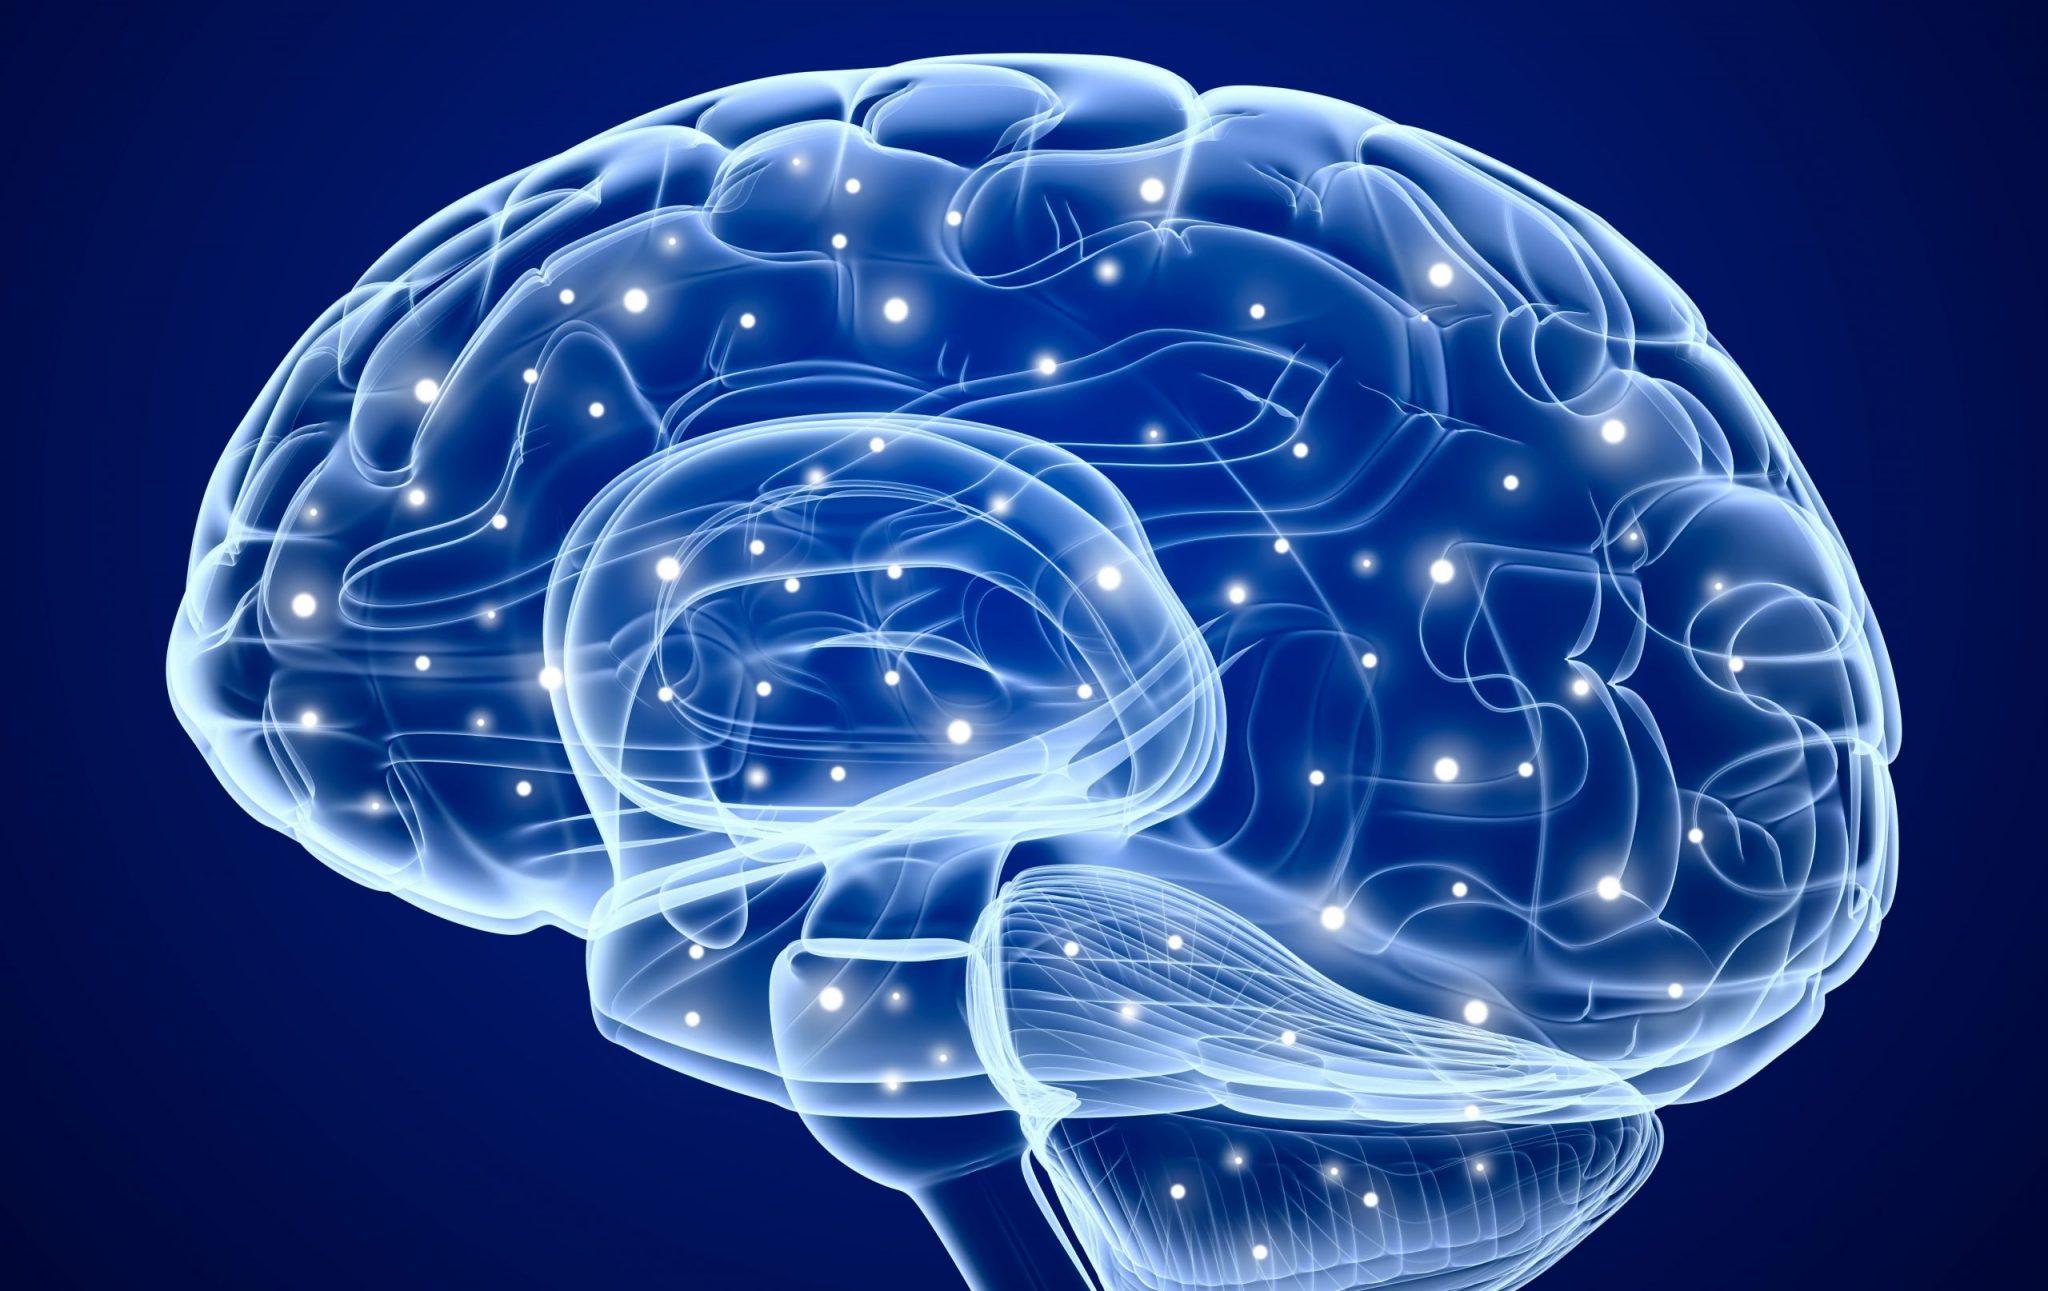 Как научить мозг мыслить в позитивном ключе